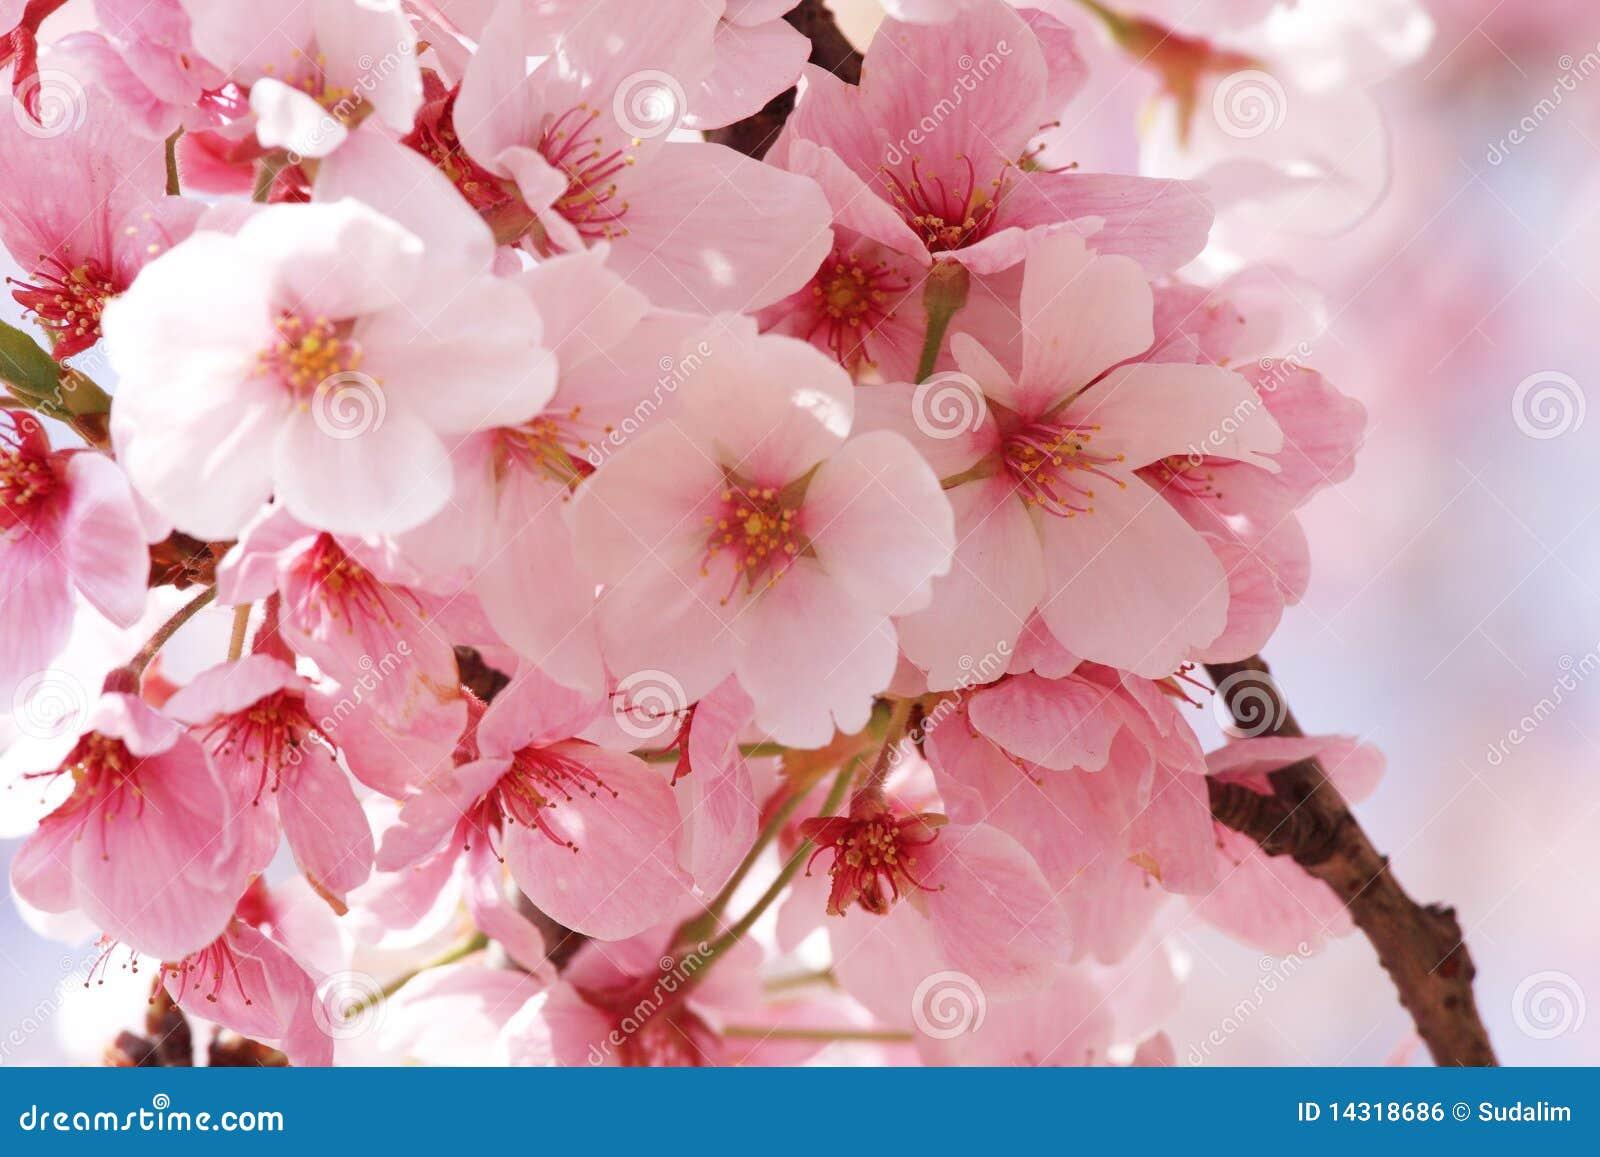 Flower Sakura Royalty Free Stock Image  Image: 14318686